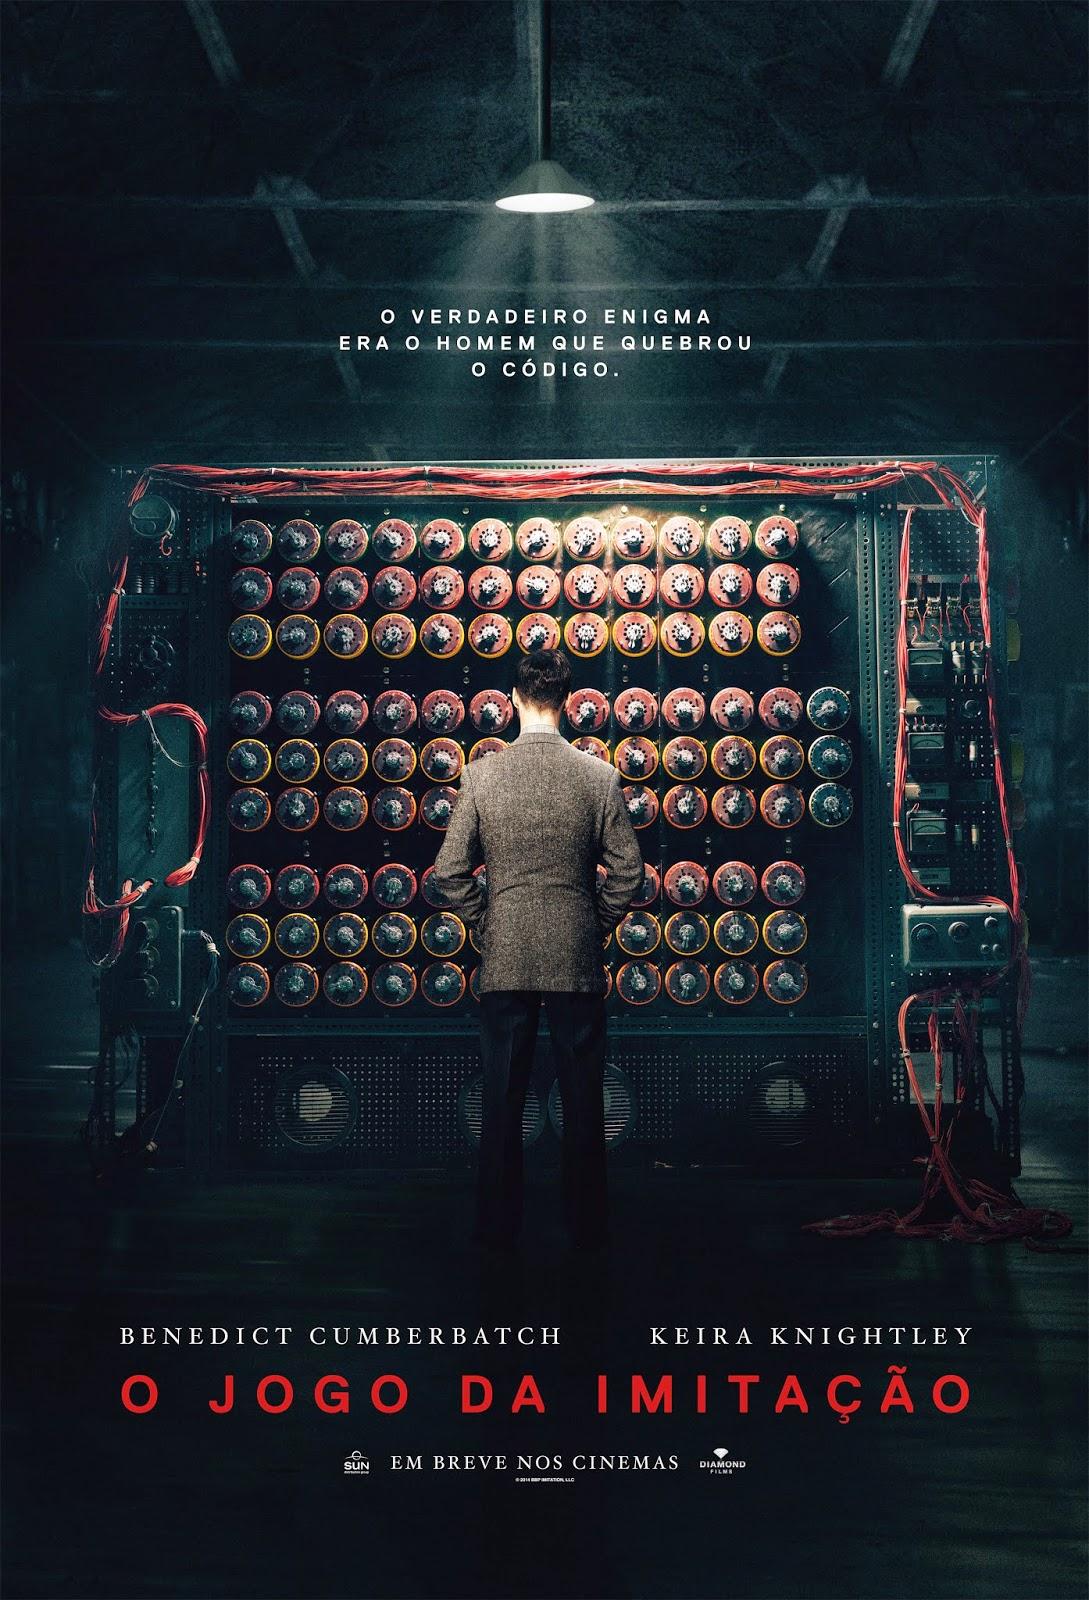 Resenha - Filme O Jogo da Imitação